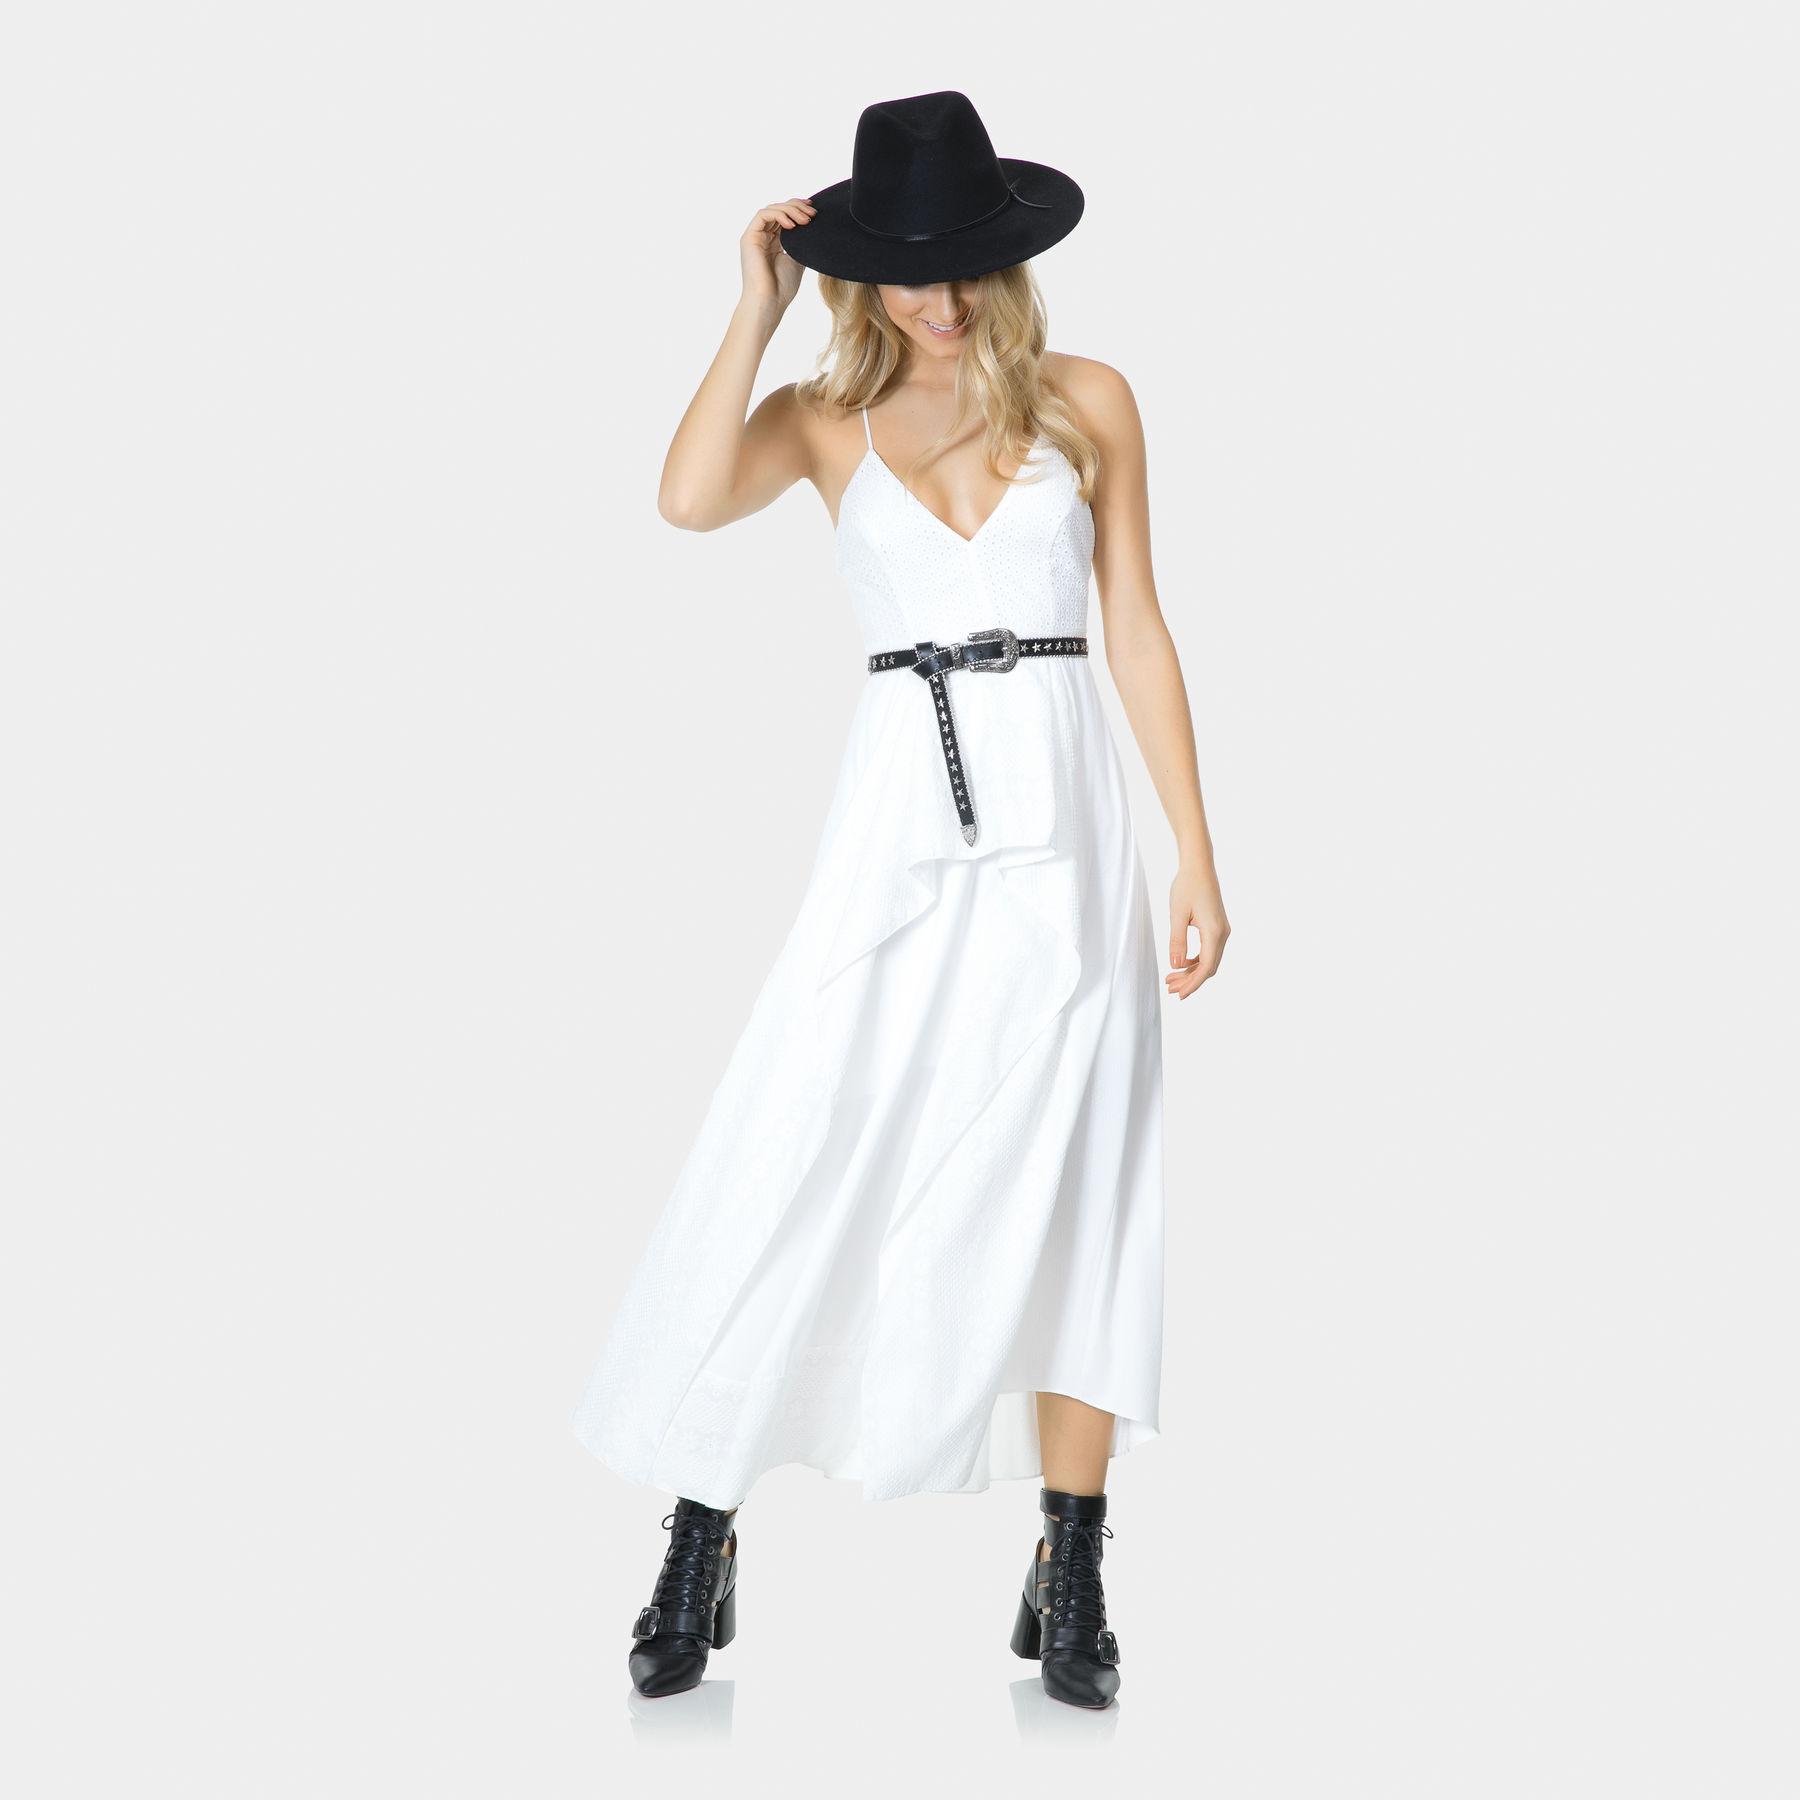 Vestido Alças Mídi Tecido E Laise Branco Off White Lez A Lez